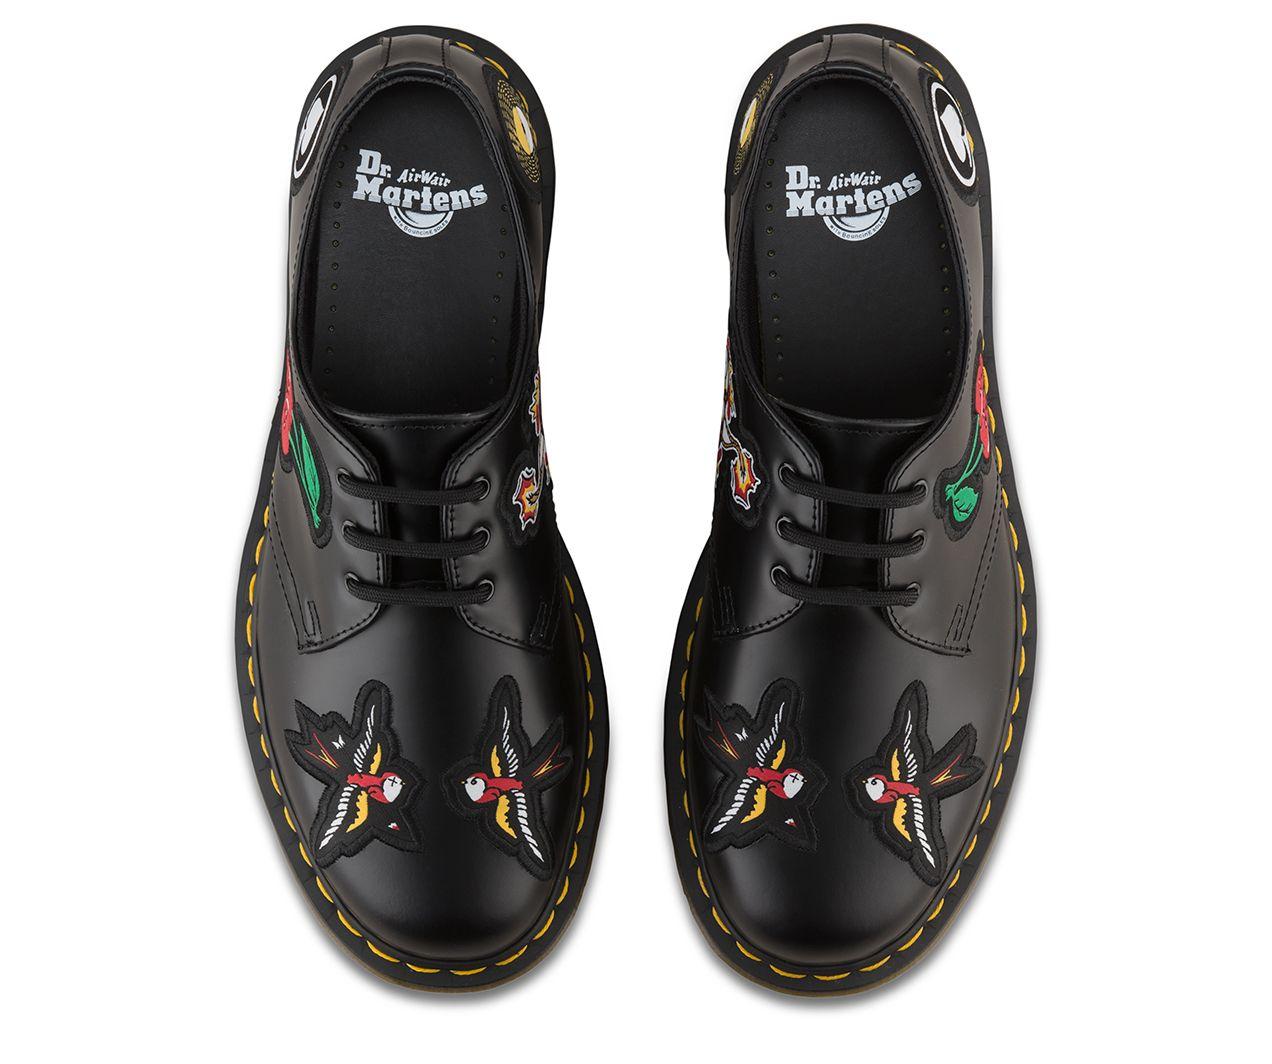 Dr Martens 1461 Patch Martens Unisex Shoes Dr Martens Store